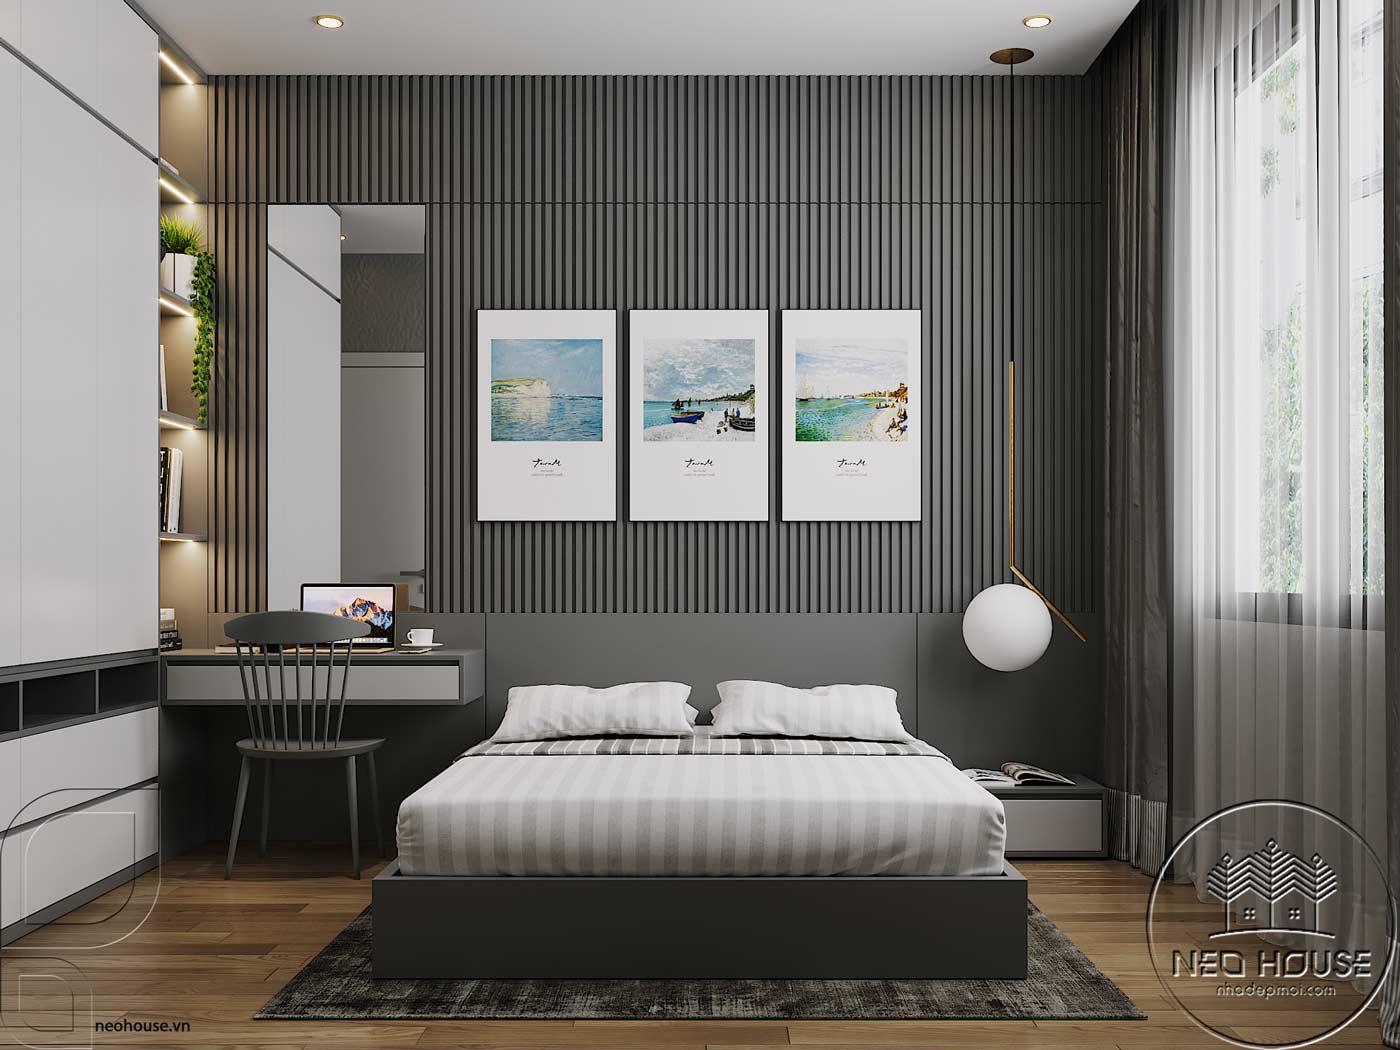 Thiết kế nội thất biệt thự đẹp 3 tầng. Ảnh 12